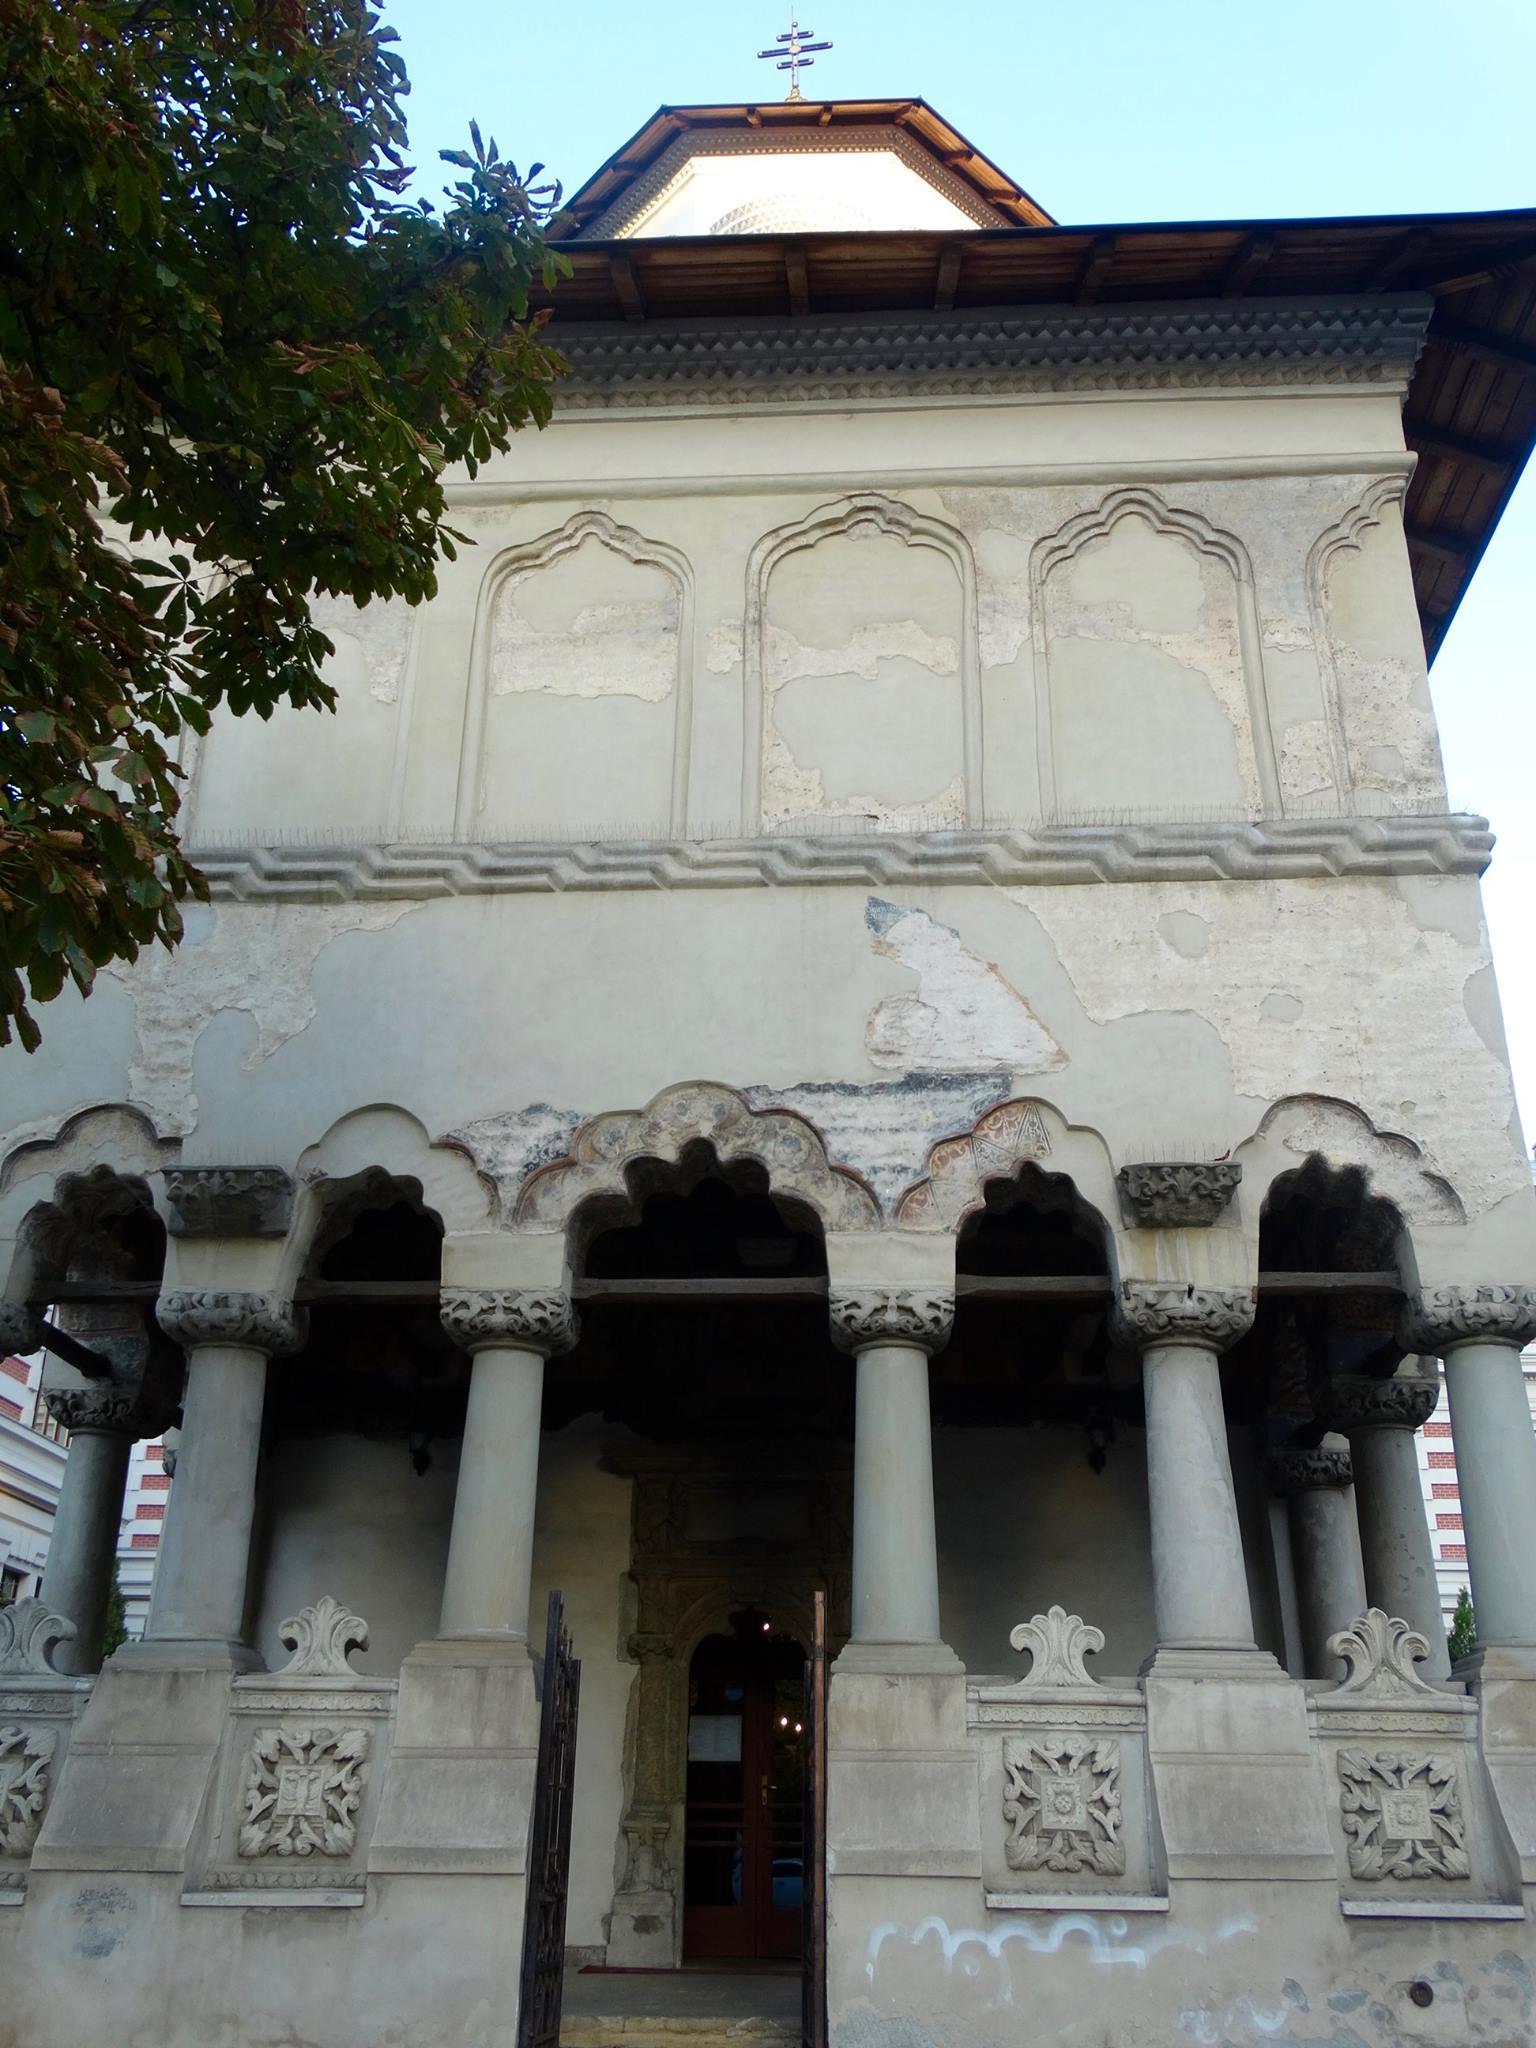 Colțea Church, built in 1698.